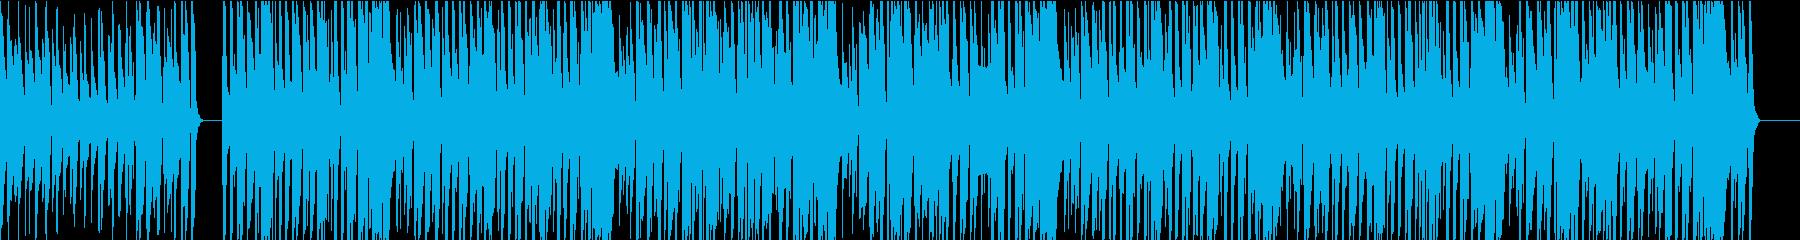 ガットギターによる懐かしいボサノヴァの再生済みの波形